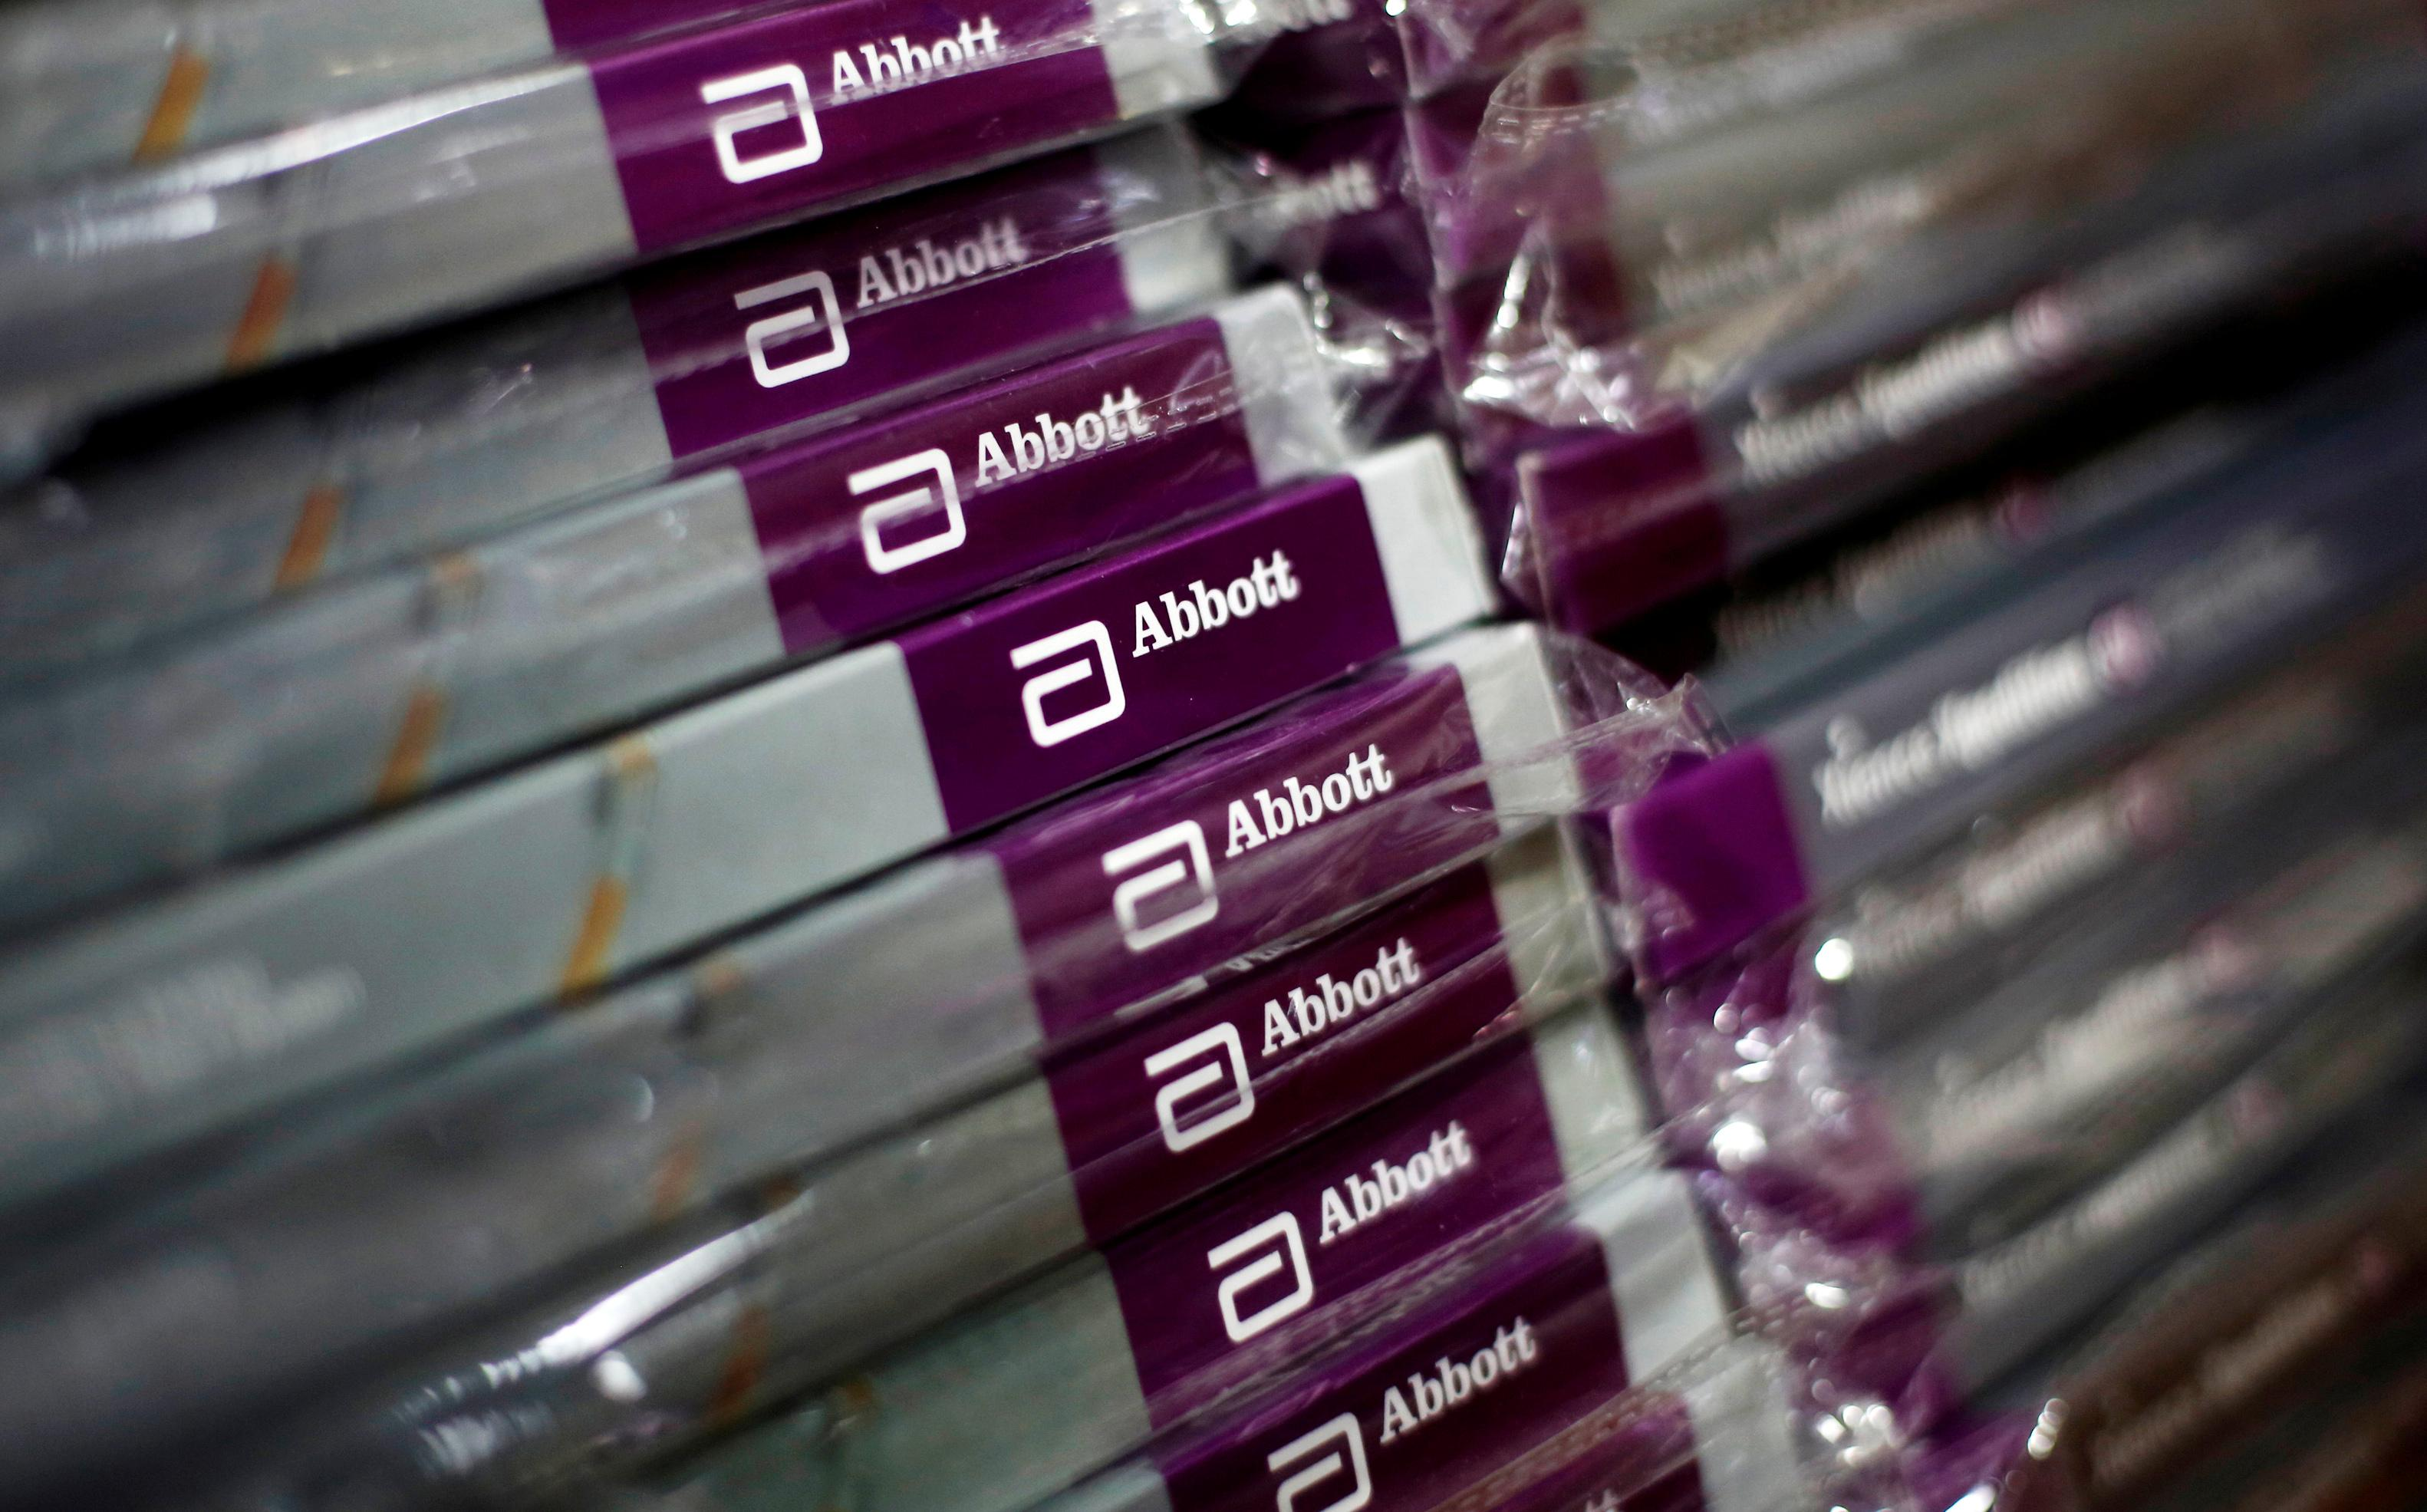 Abbott revenue misses as heart devices eclipse diabetes gains